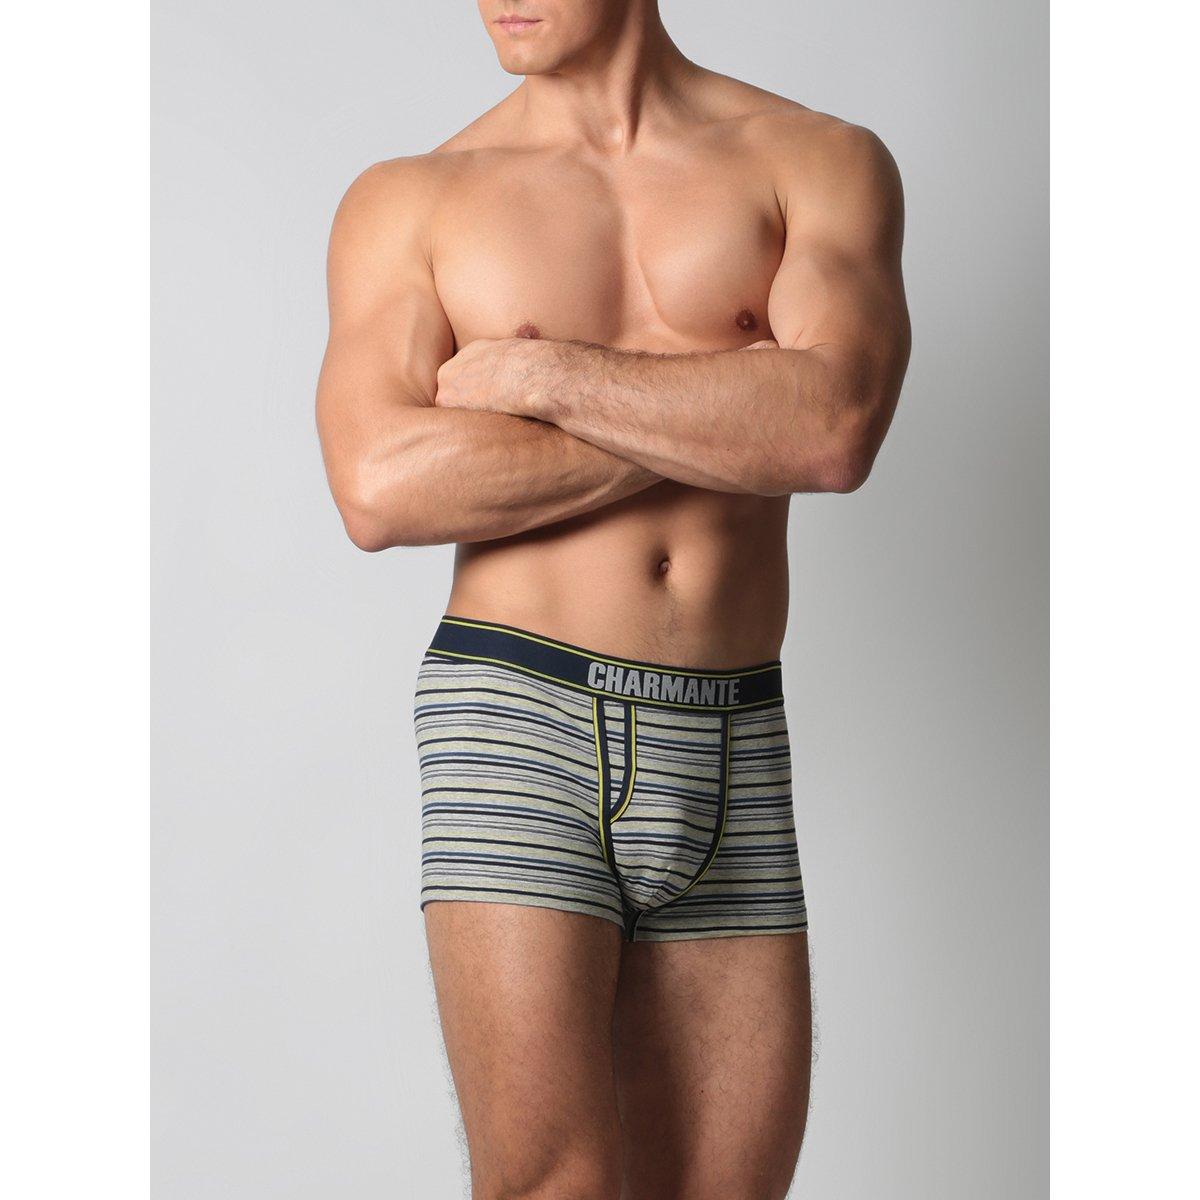 Трусы-боксеры мужские Charmante серый/жёлтый